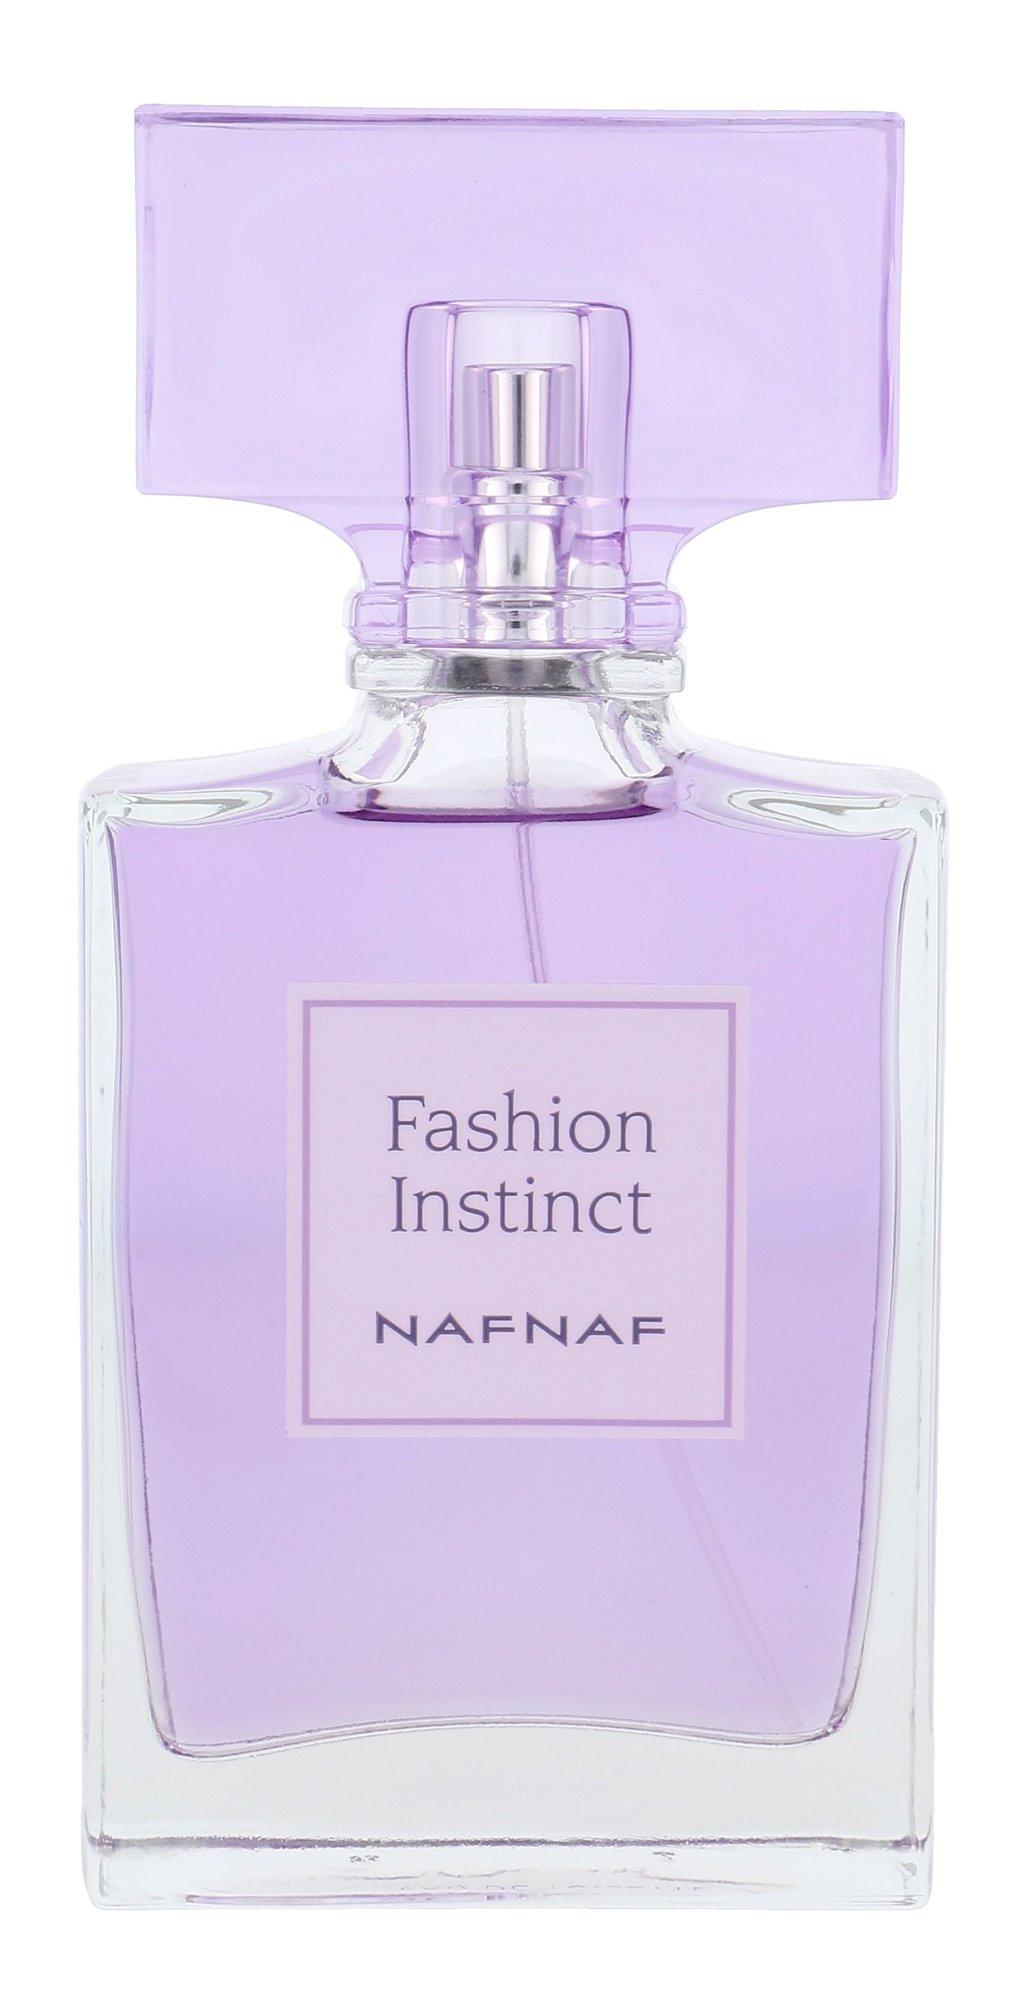 NAFNAF Fashion Instinct